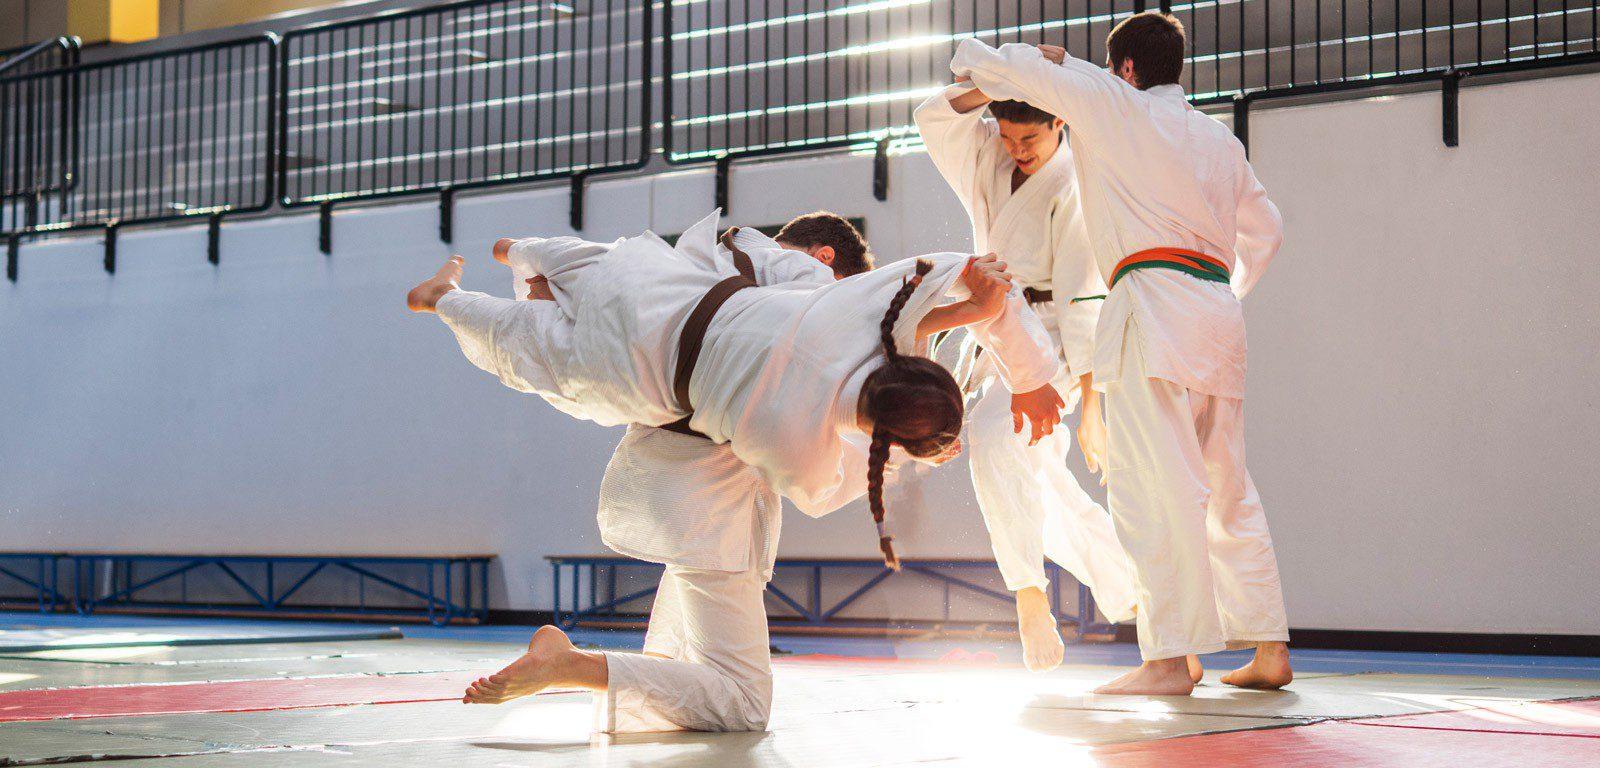 Percorsi Judo per Ragazzi, Bambini e Adulti a Riva del Garda Trentino